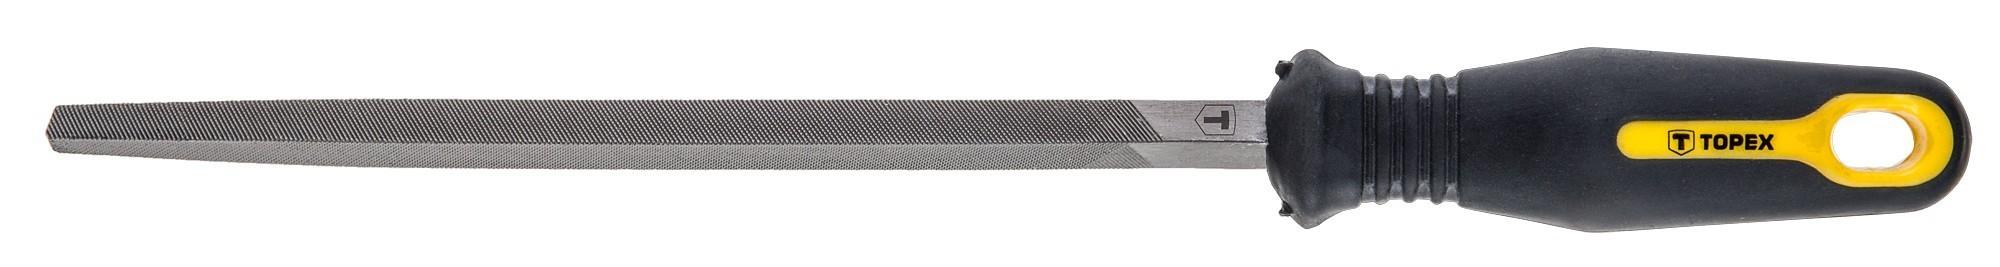 Fémreszelõ 200 mm / 2 mm háromszög | TOPEX 06A725